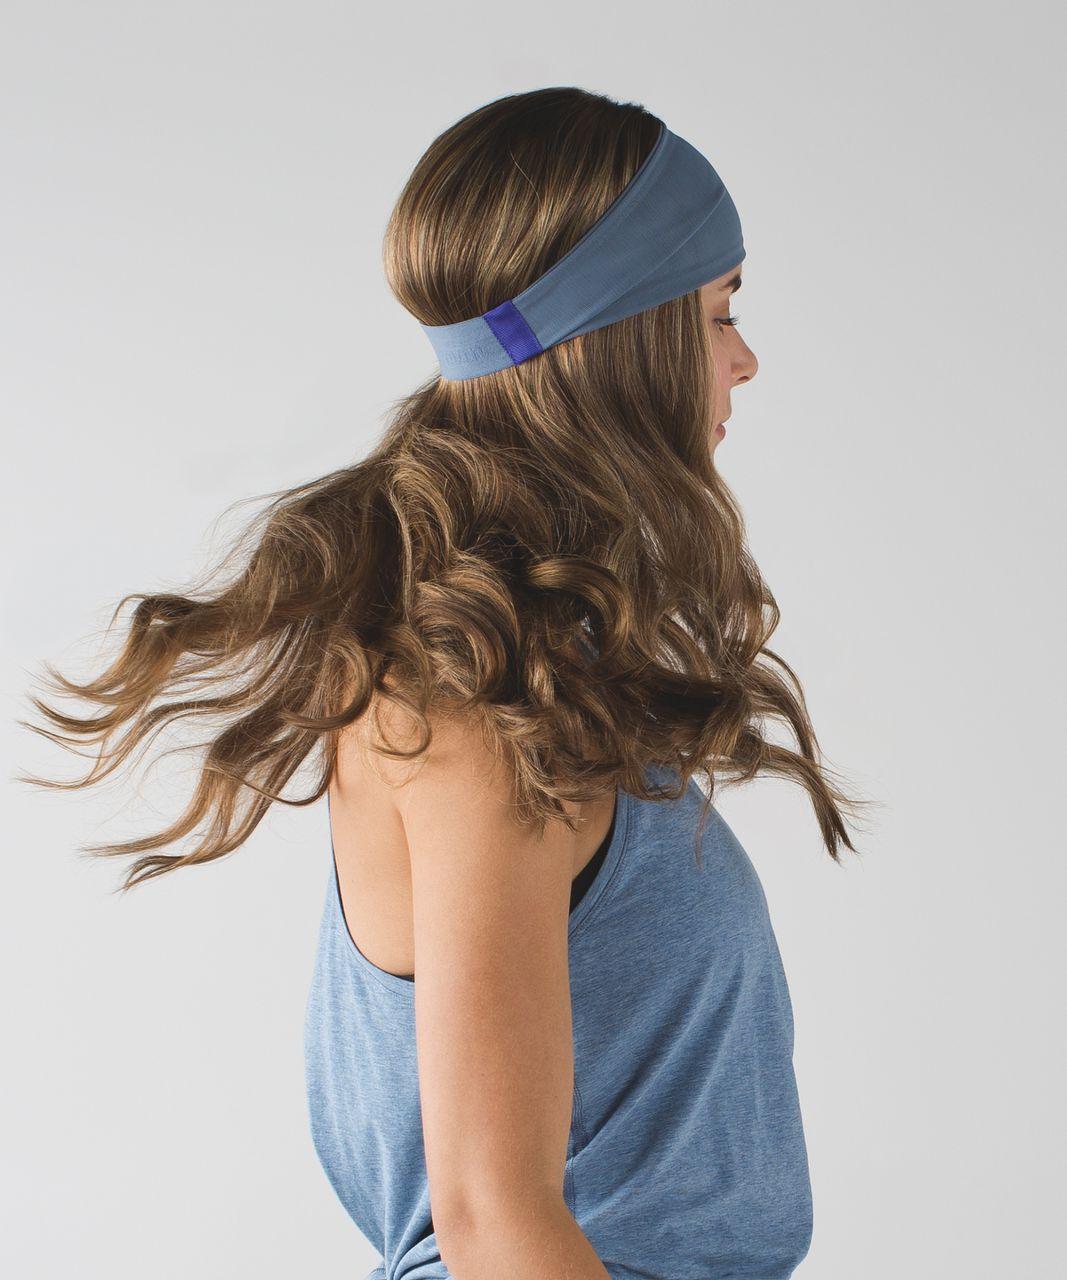 Lululemon Fringe Fighter Headband *Mesh - Blue Denim